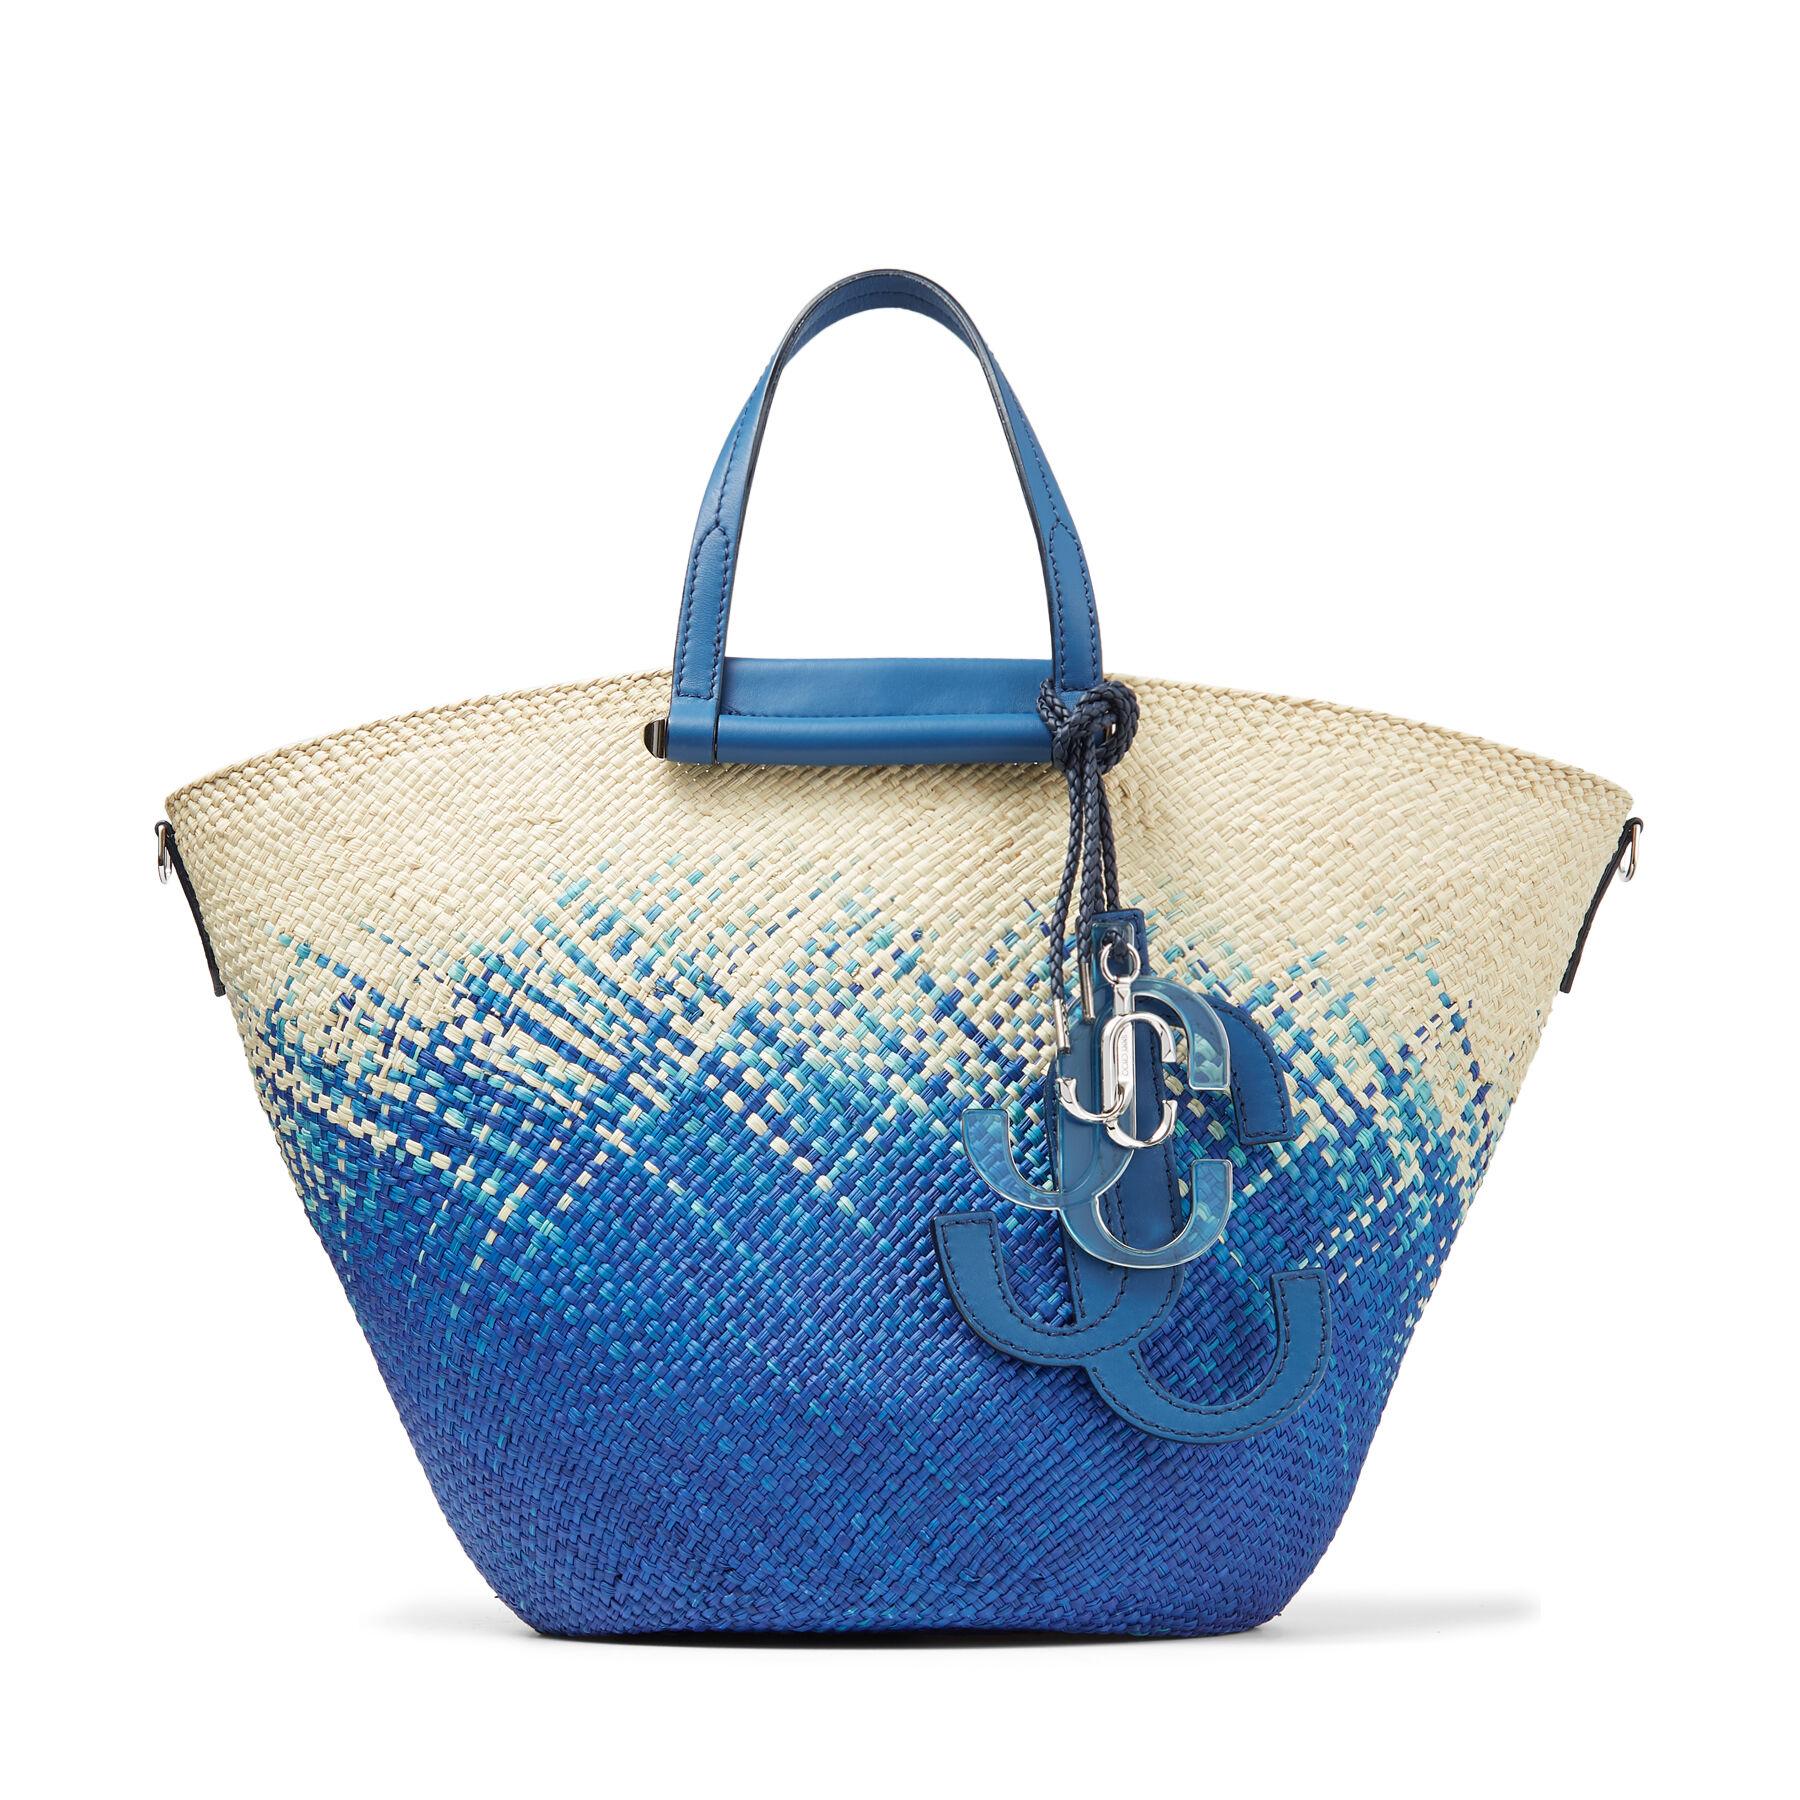 L'accessorio estivo perfetto, il nostro MACY Basket è tessuto a mano in rafia naturale e blu farfalla da artigiani in Colombia.